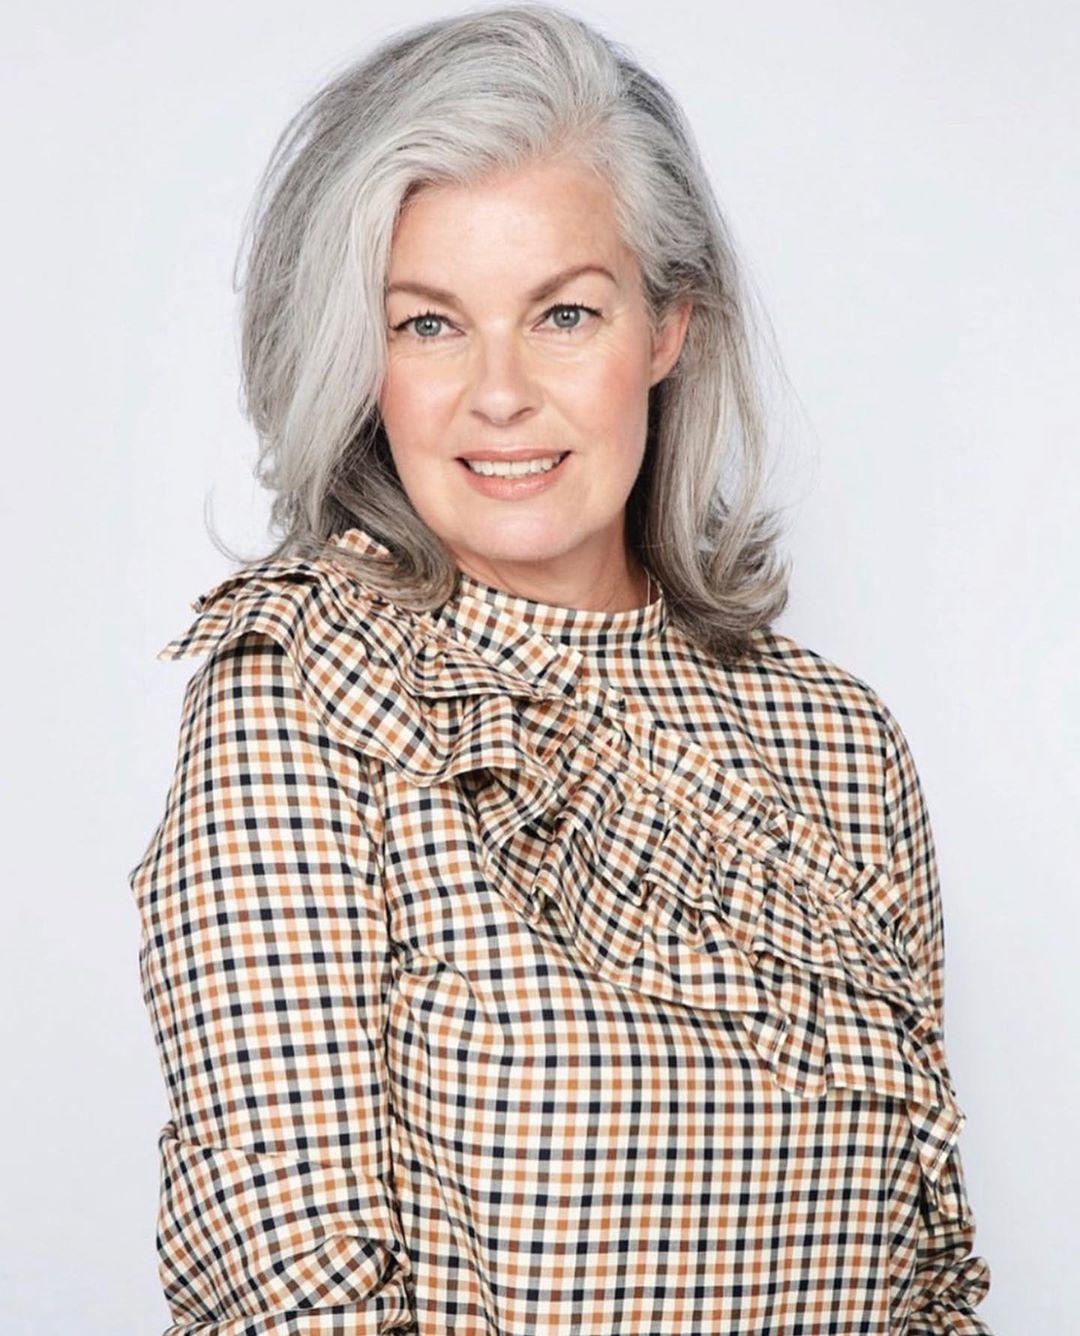 Стильные стрижки без чёлки для женщин 60 лет